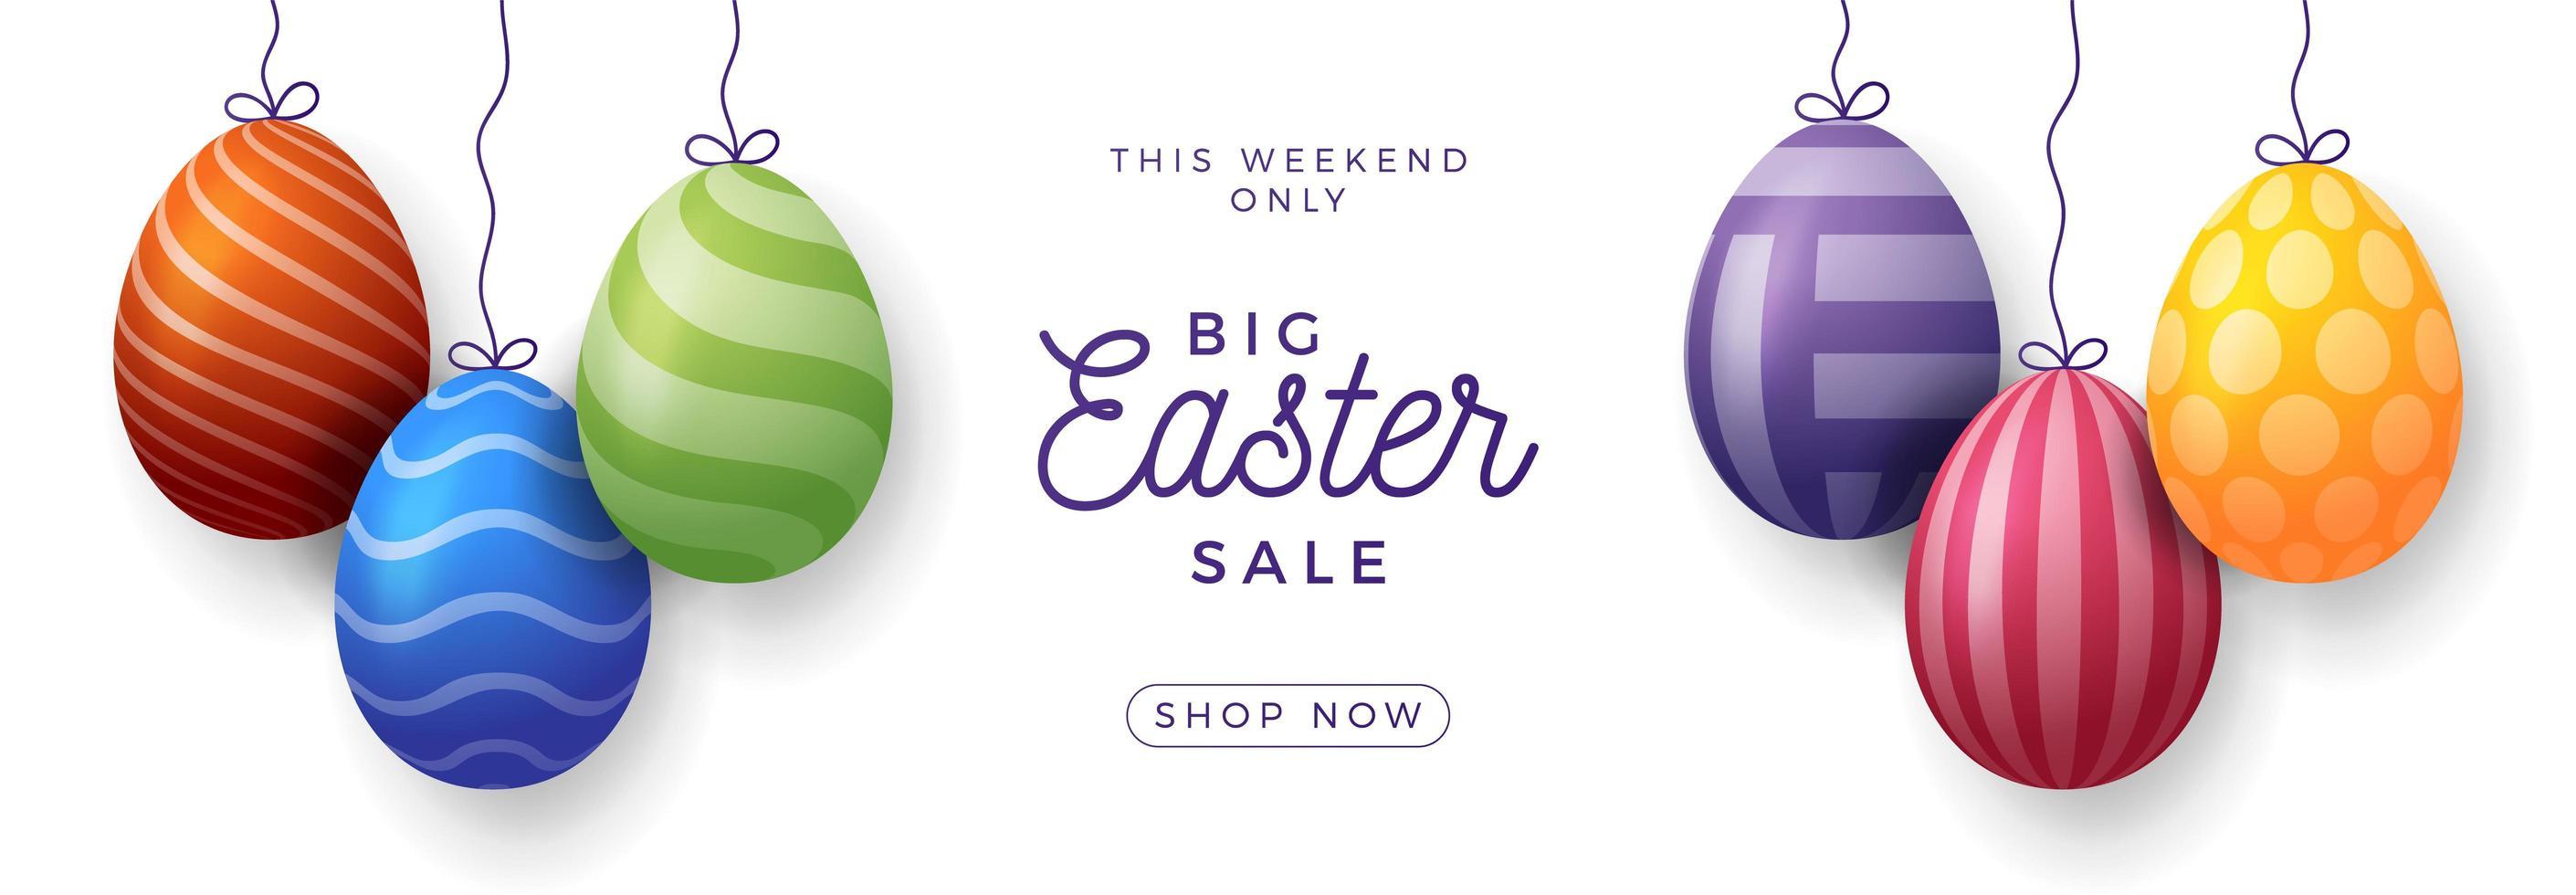 Easter egg sale horizontal banner vector